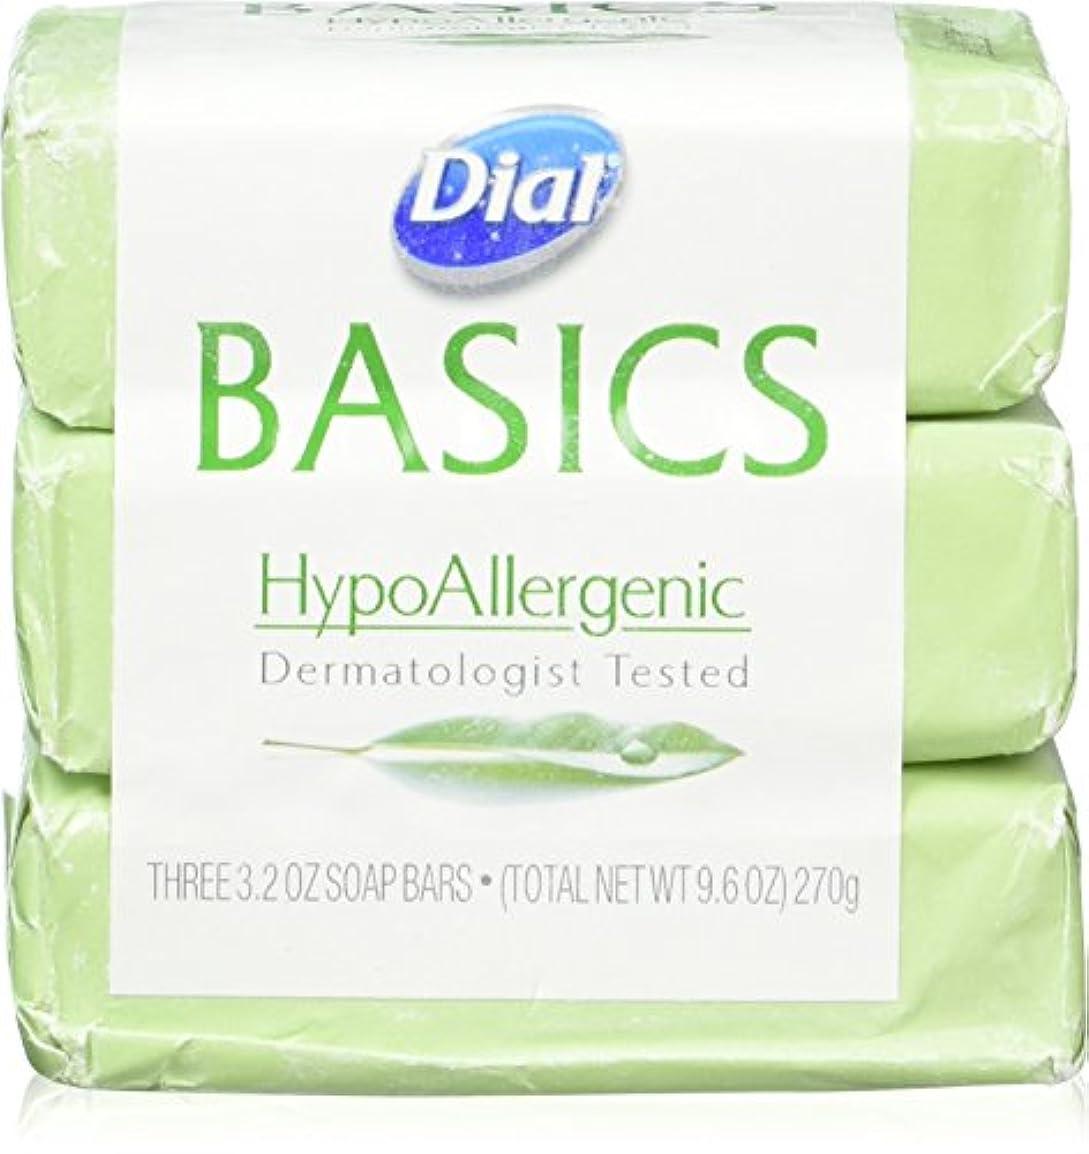 代数的より多い地中海Dial Basics HypoAllergenic Dermatologist Tested Bar Soap, 3.2 oz (12 Bars) by Basics